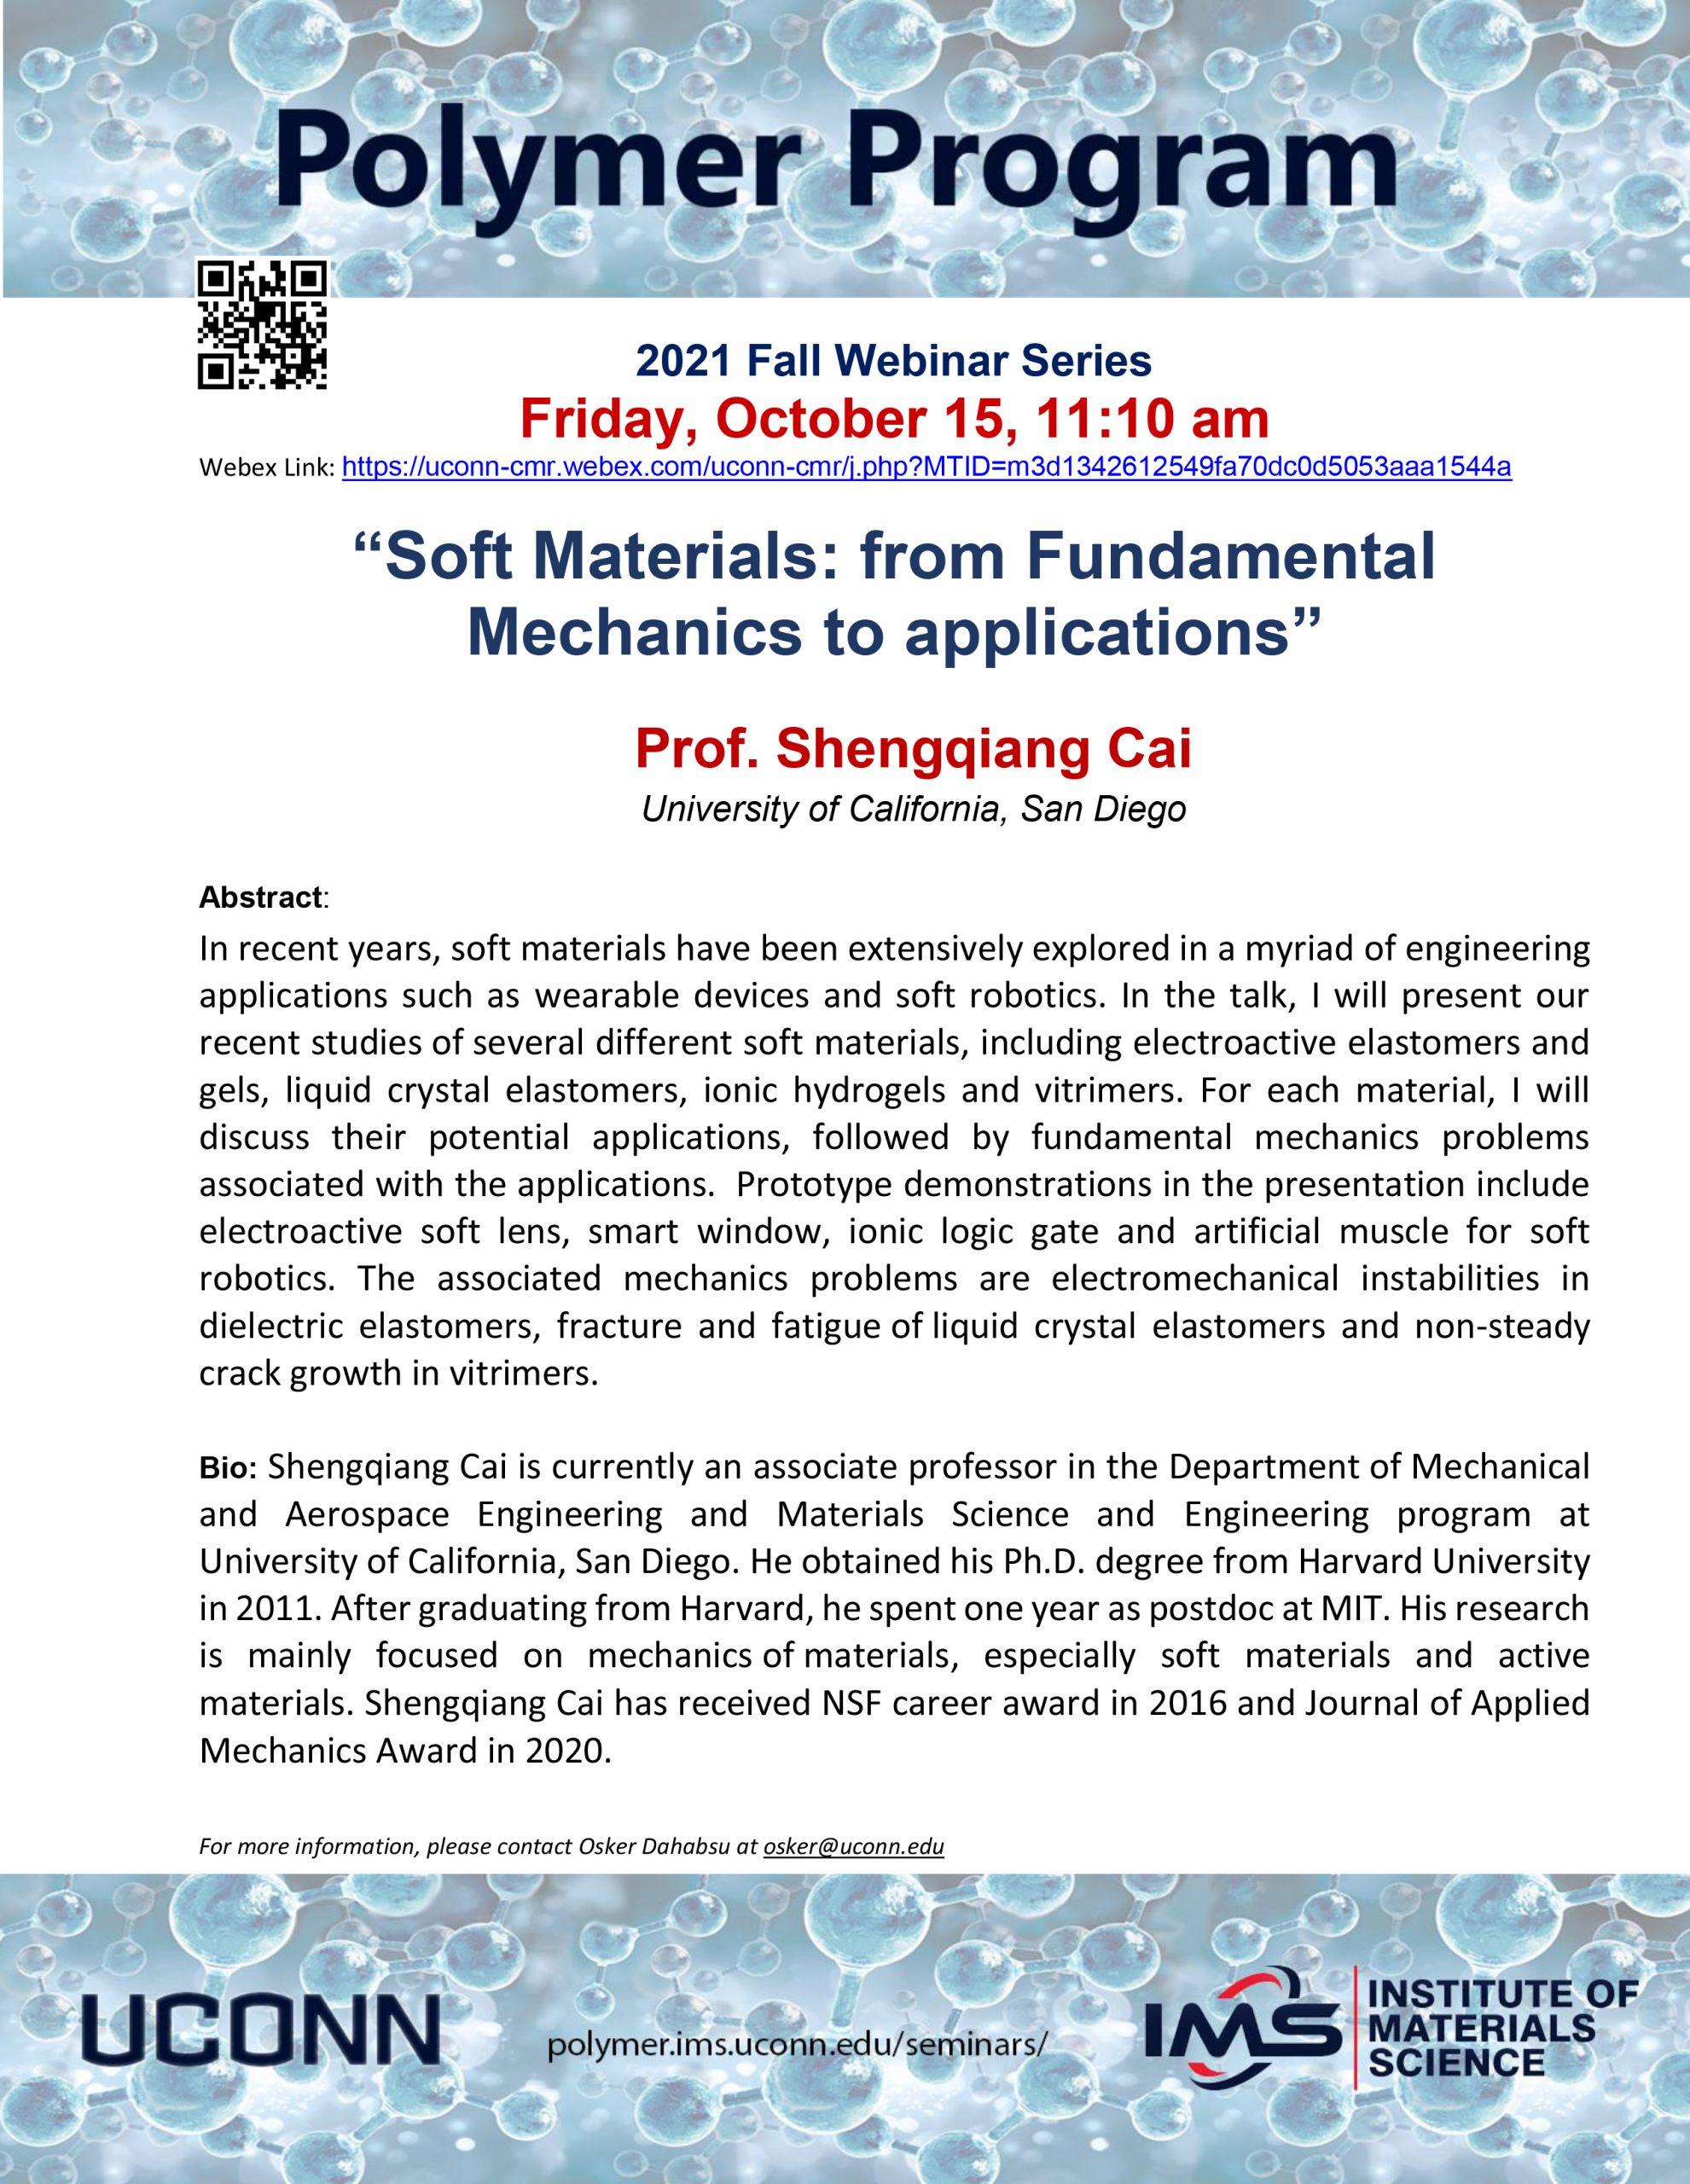 Polymer Program Webinar Series - Shengqiang Cai